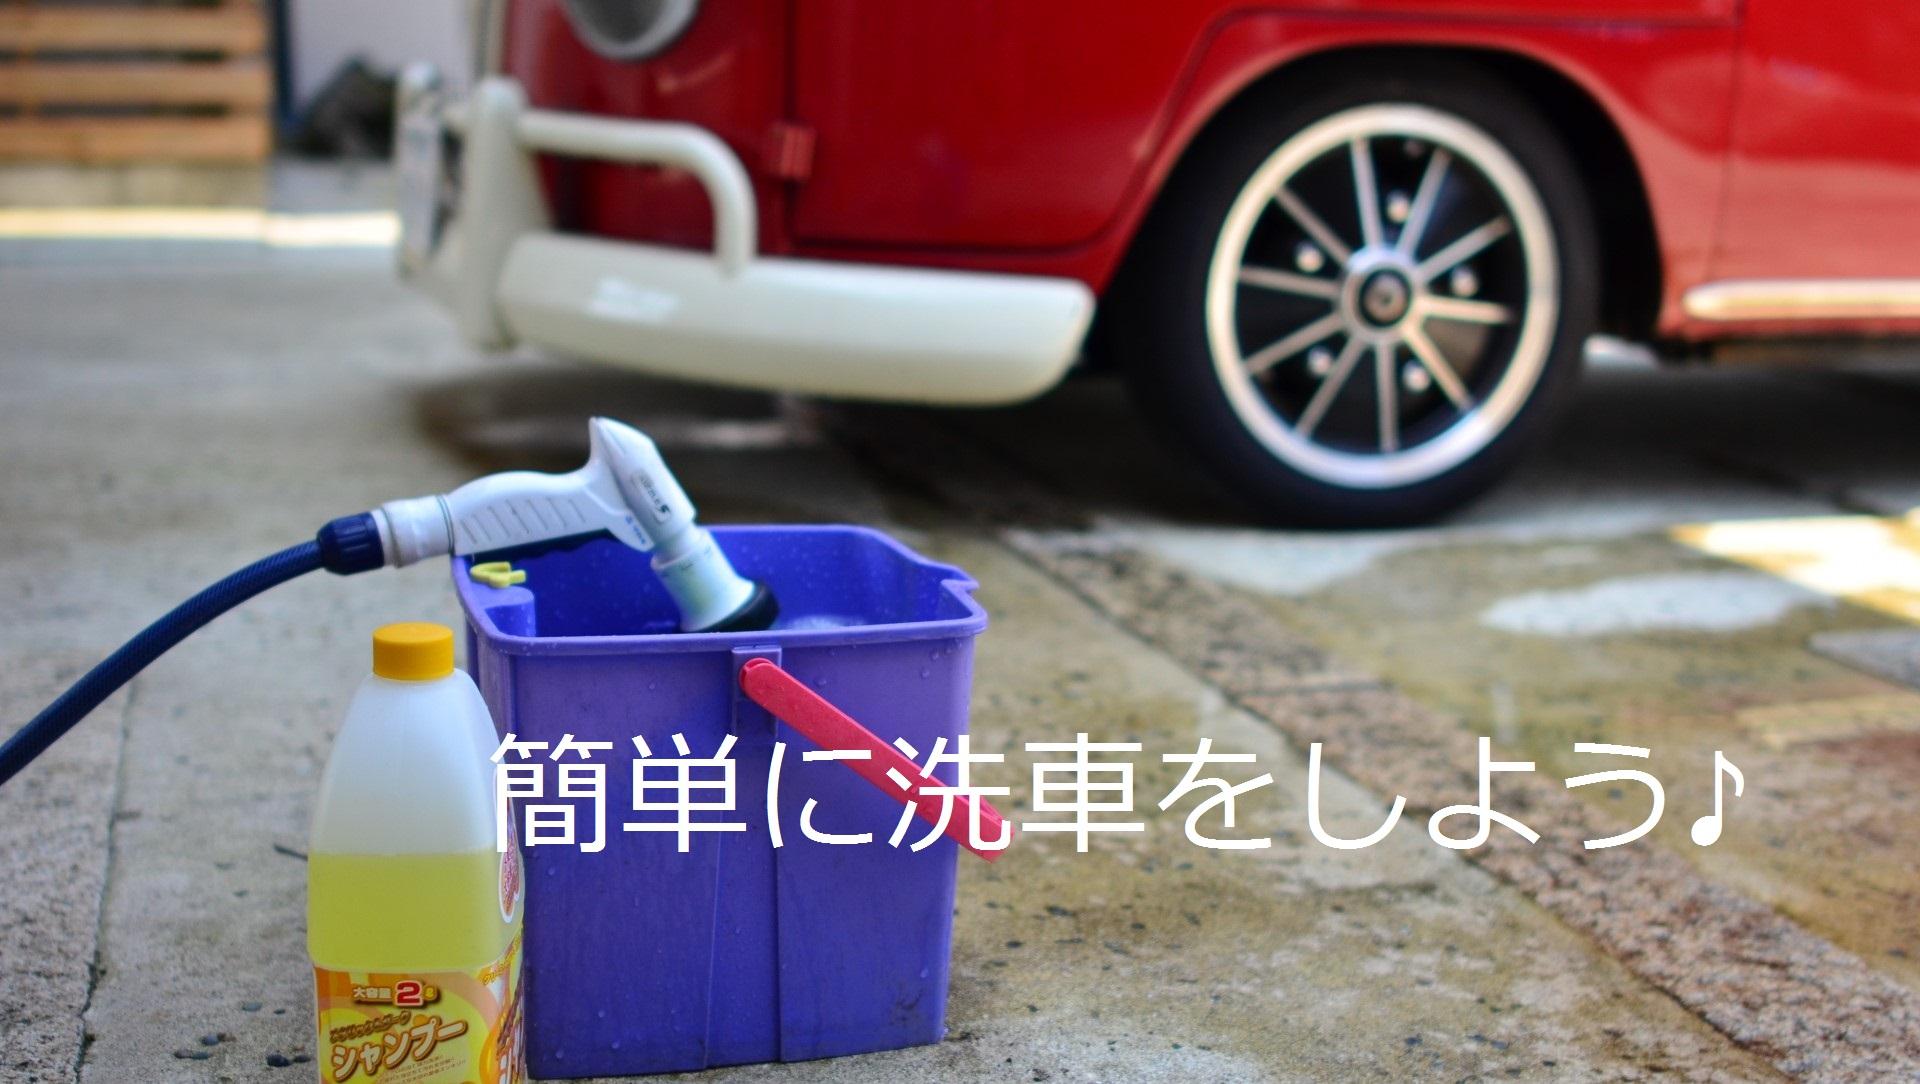 いまさら聞けない、自分で簡単手洗い洗車。